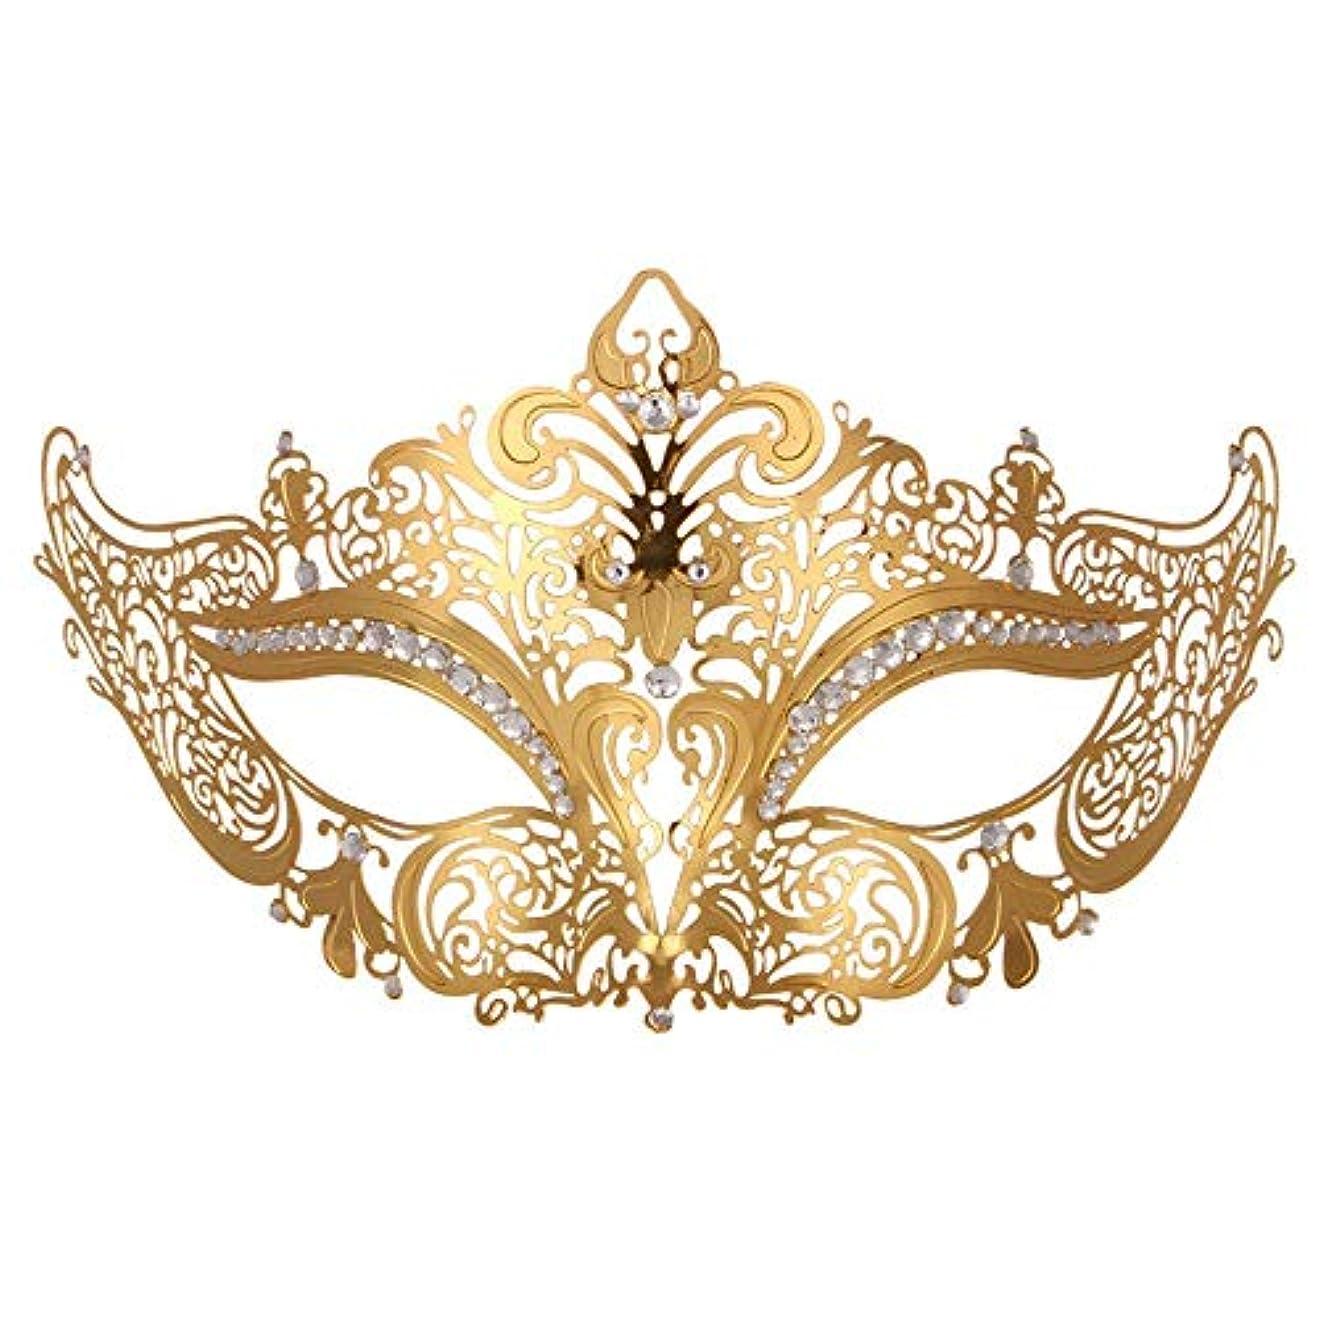 独裁者余韻それにもかかわらずダンスマスク 高級金メッキ銀マスク仮装小道具ロールプレイングナイトクラブパーティーマスク ホリデーパーティー用品 (色 : ゴールド, サイズ : Universal)